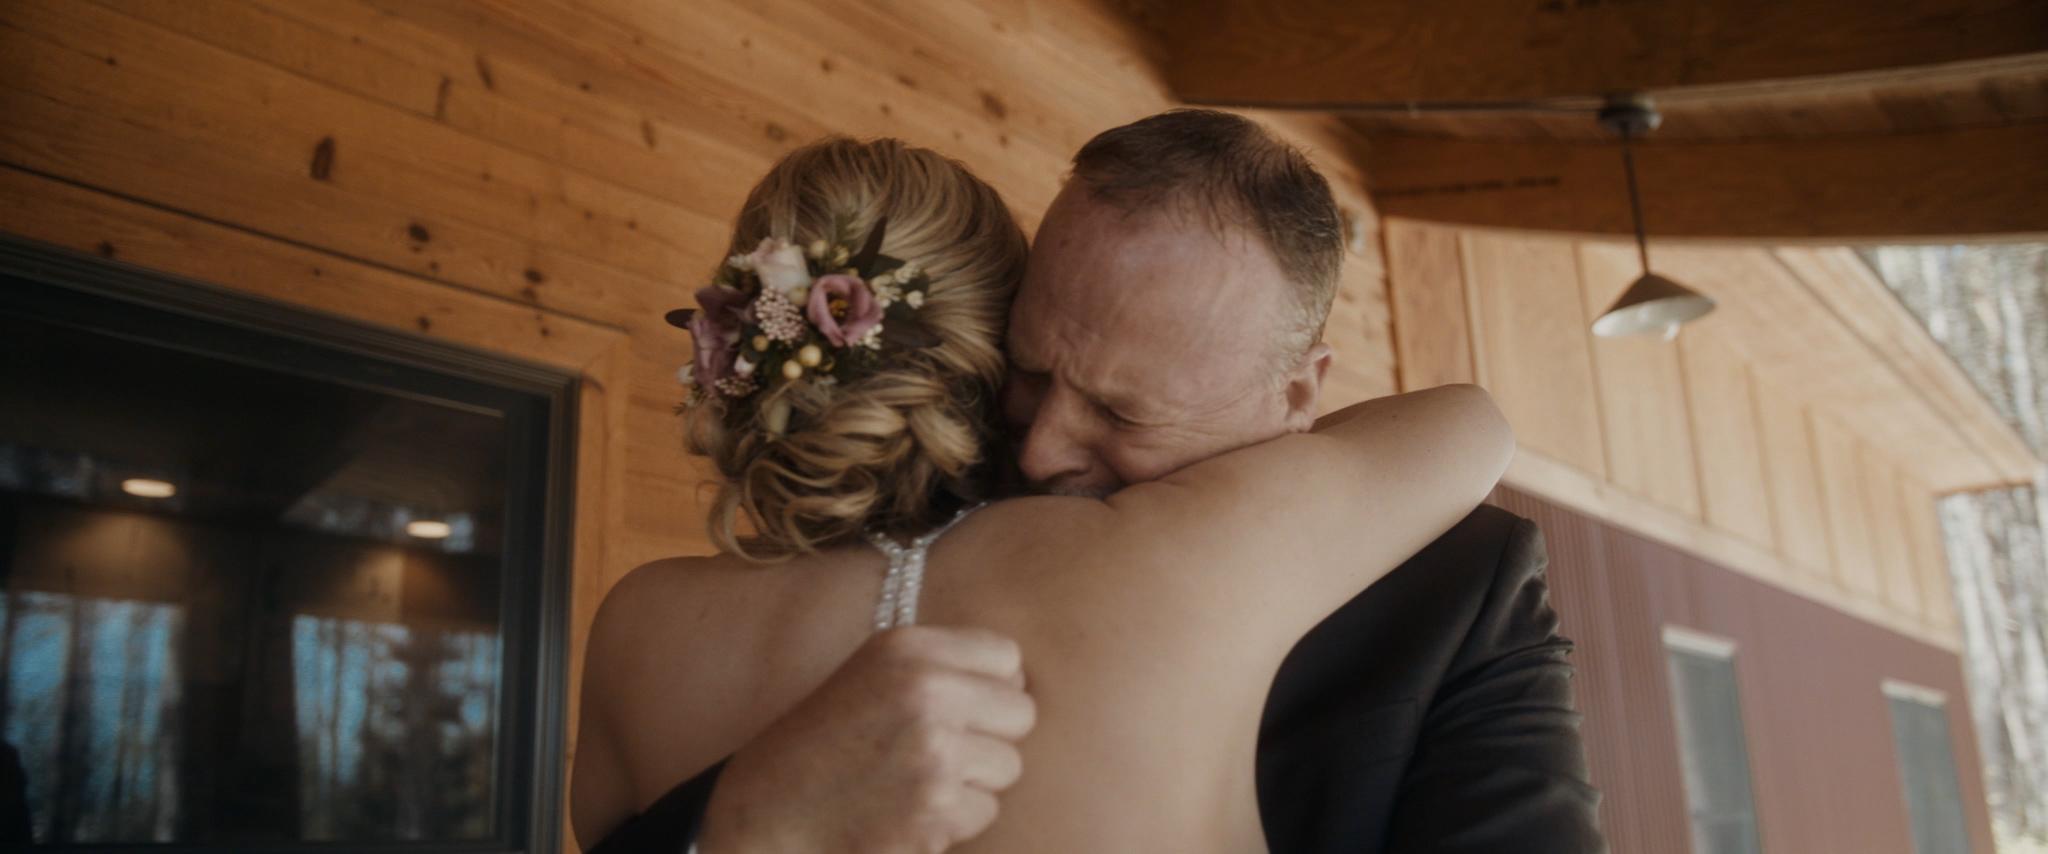 HAVENS_Wedding_Film.00_01_48_08.Still020.jpg